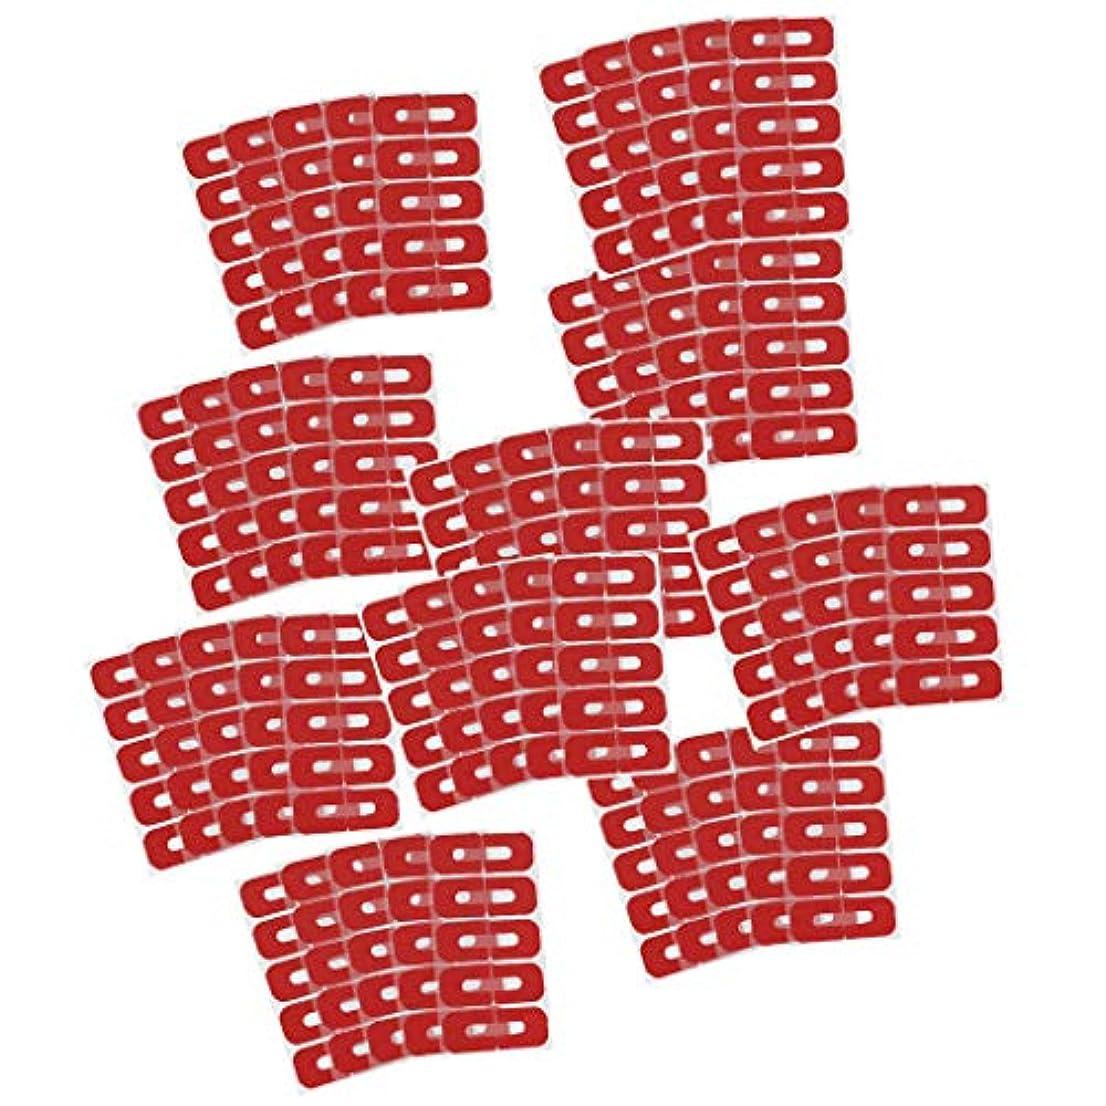 購入圧倒するパズルDYNWAVE ネイルカバー はみ出し防止 ネイルケア 剥離テープ ネイルプロテクター ネイルサロン 全50点